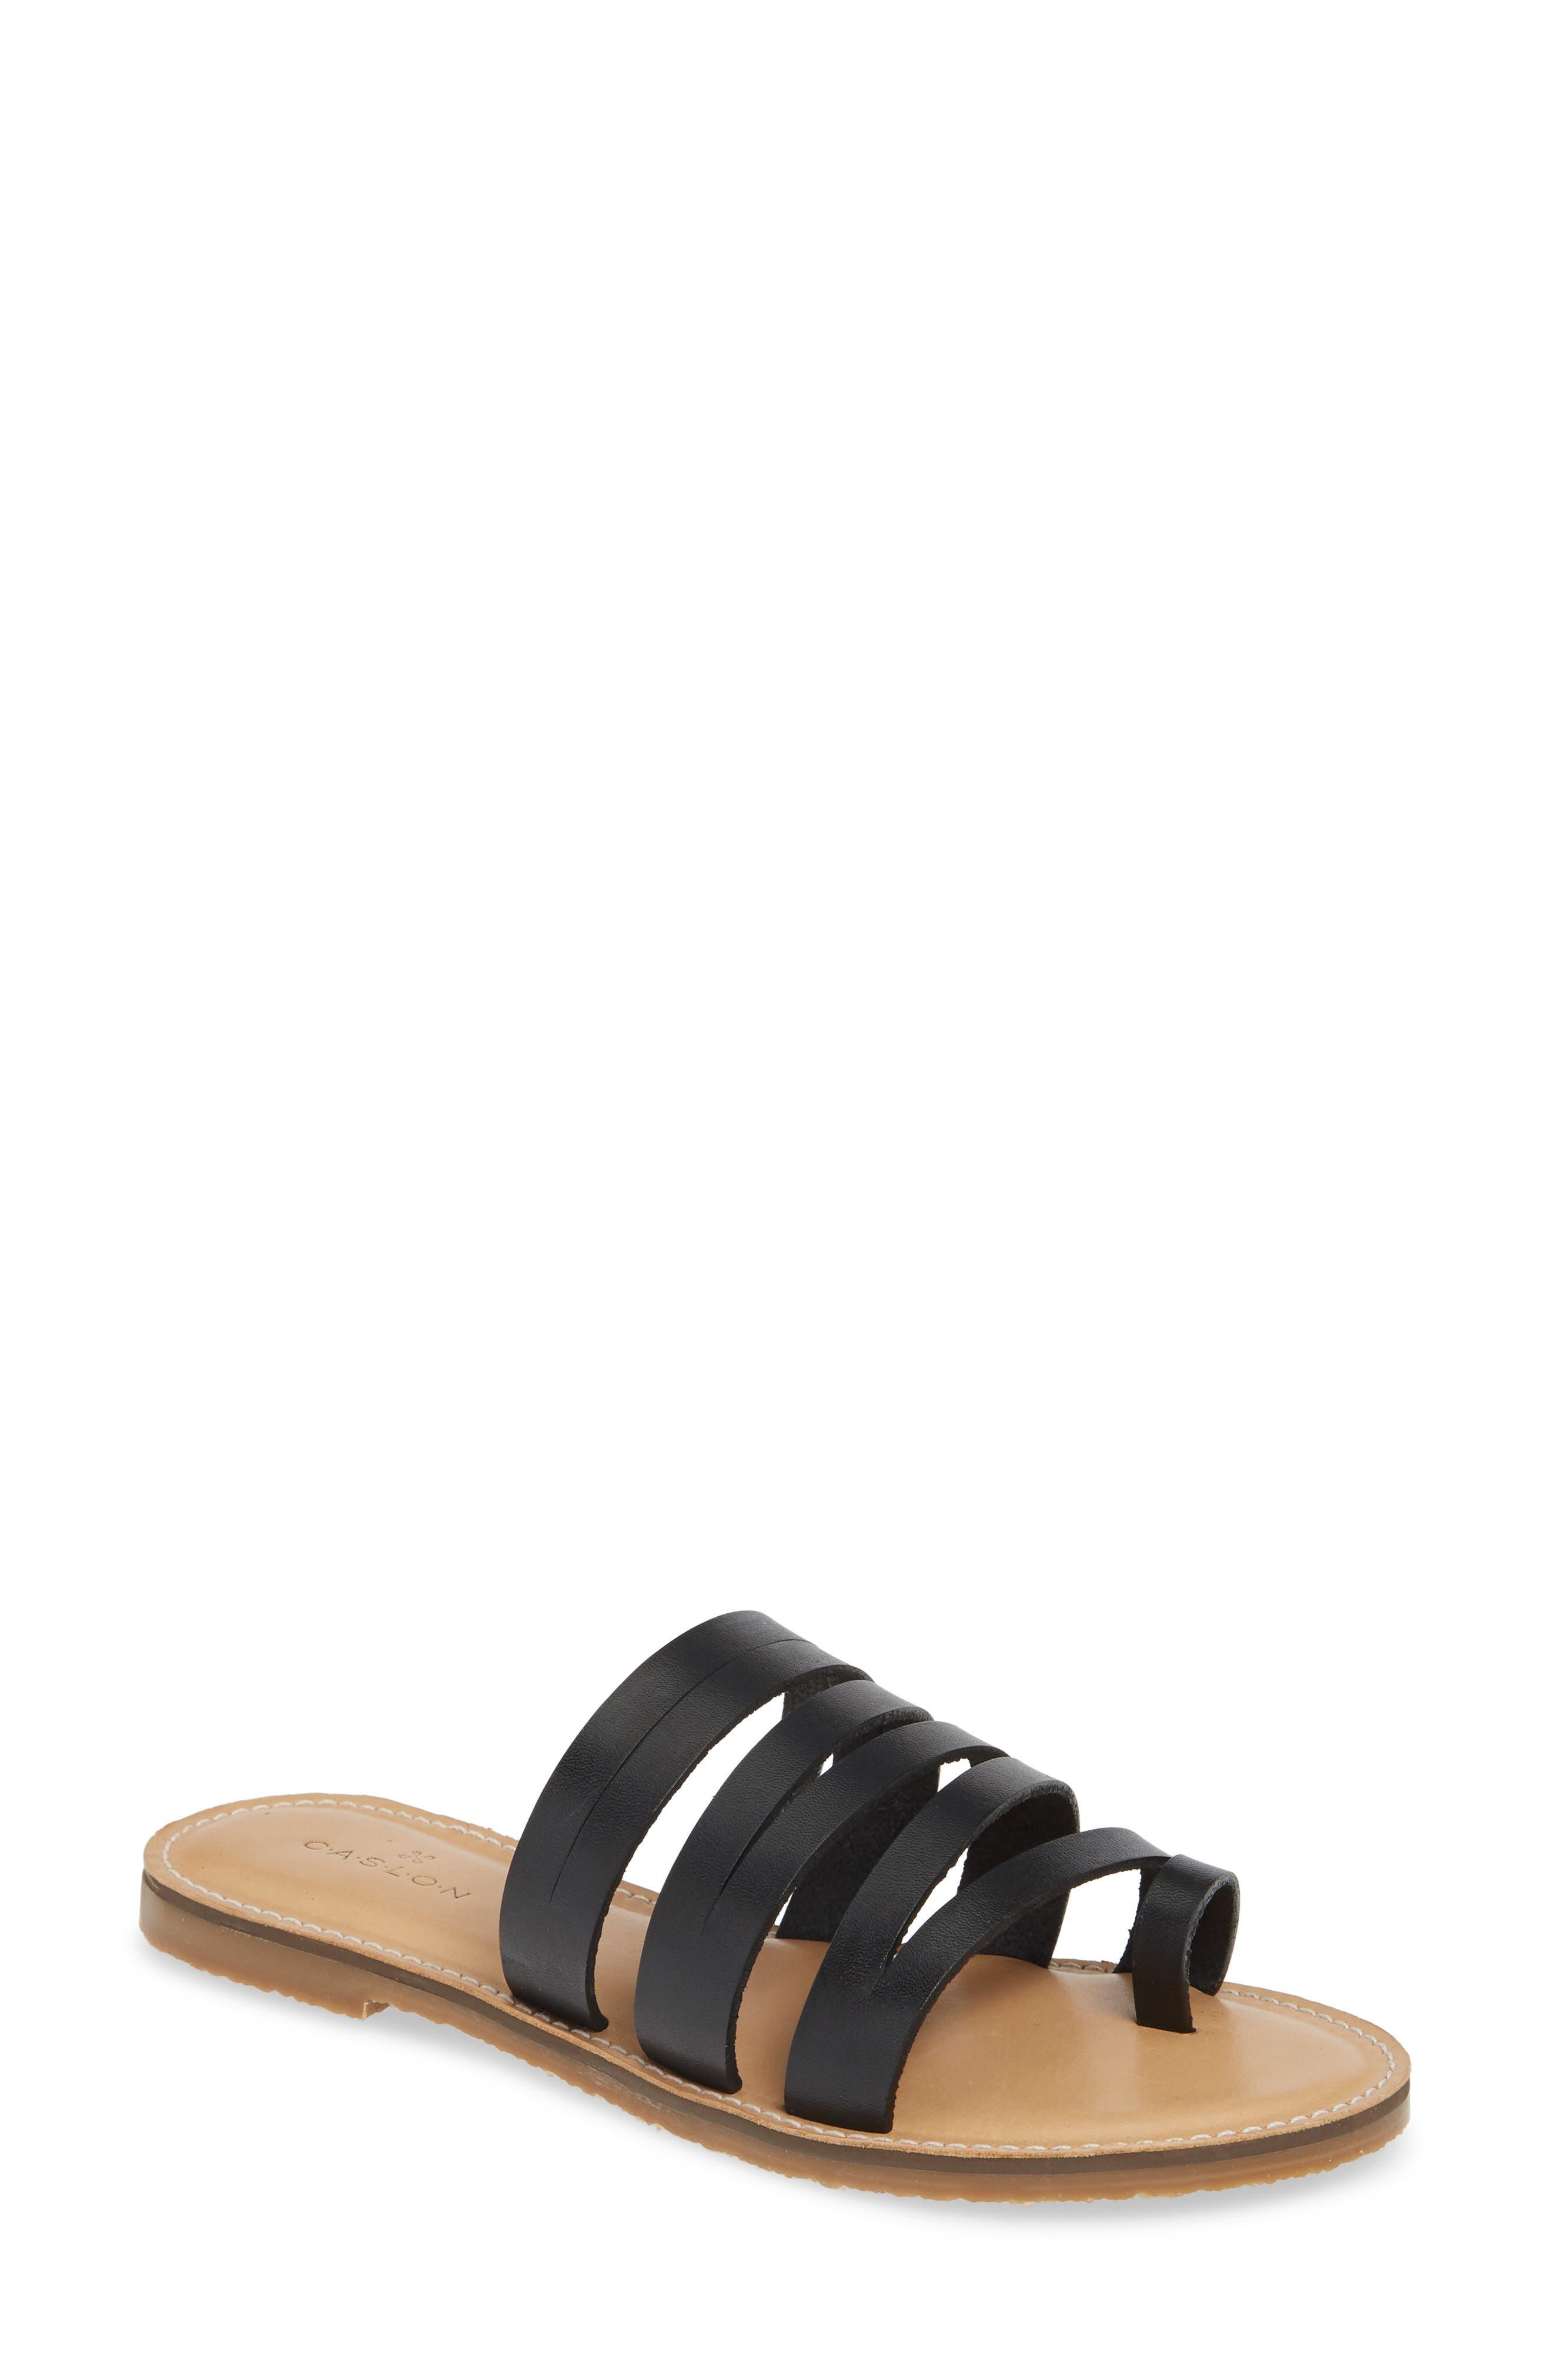 CASLON<SUP>®</SUP> Owen Slide Sandal, Main, color, BLACK LEATHER